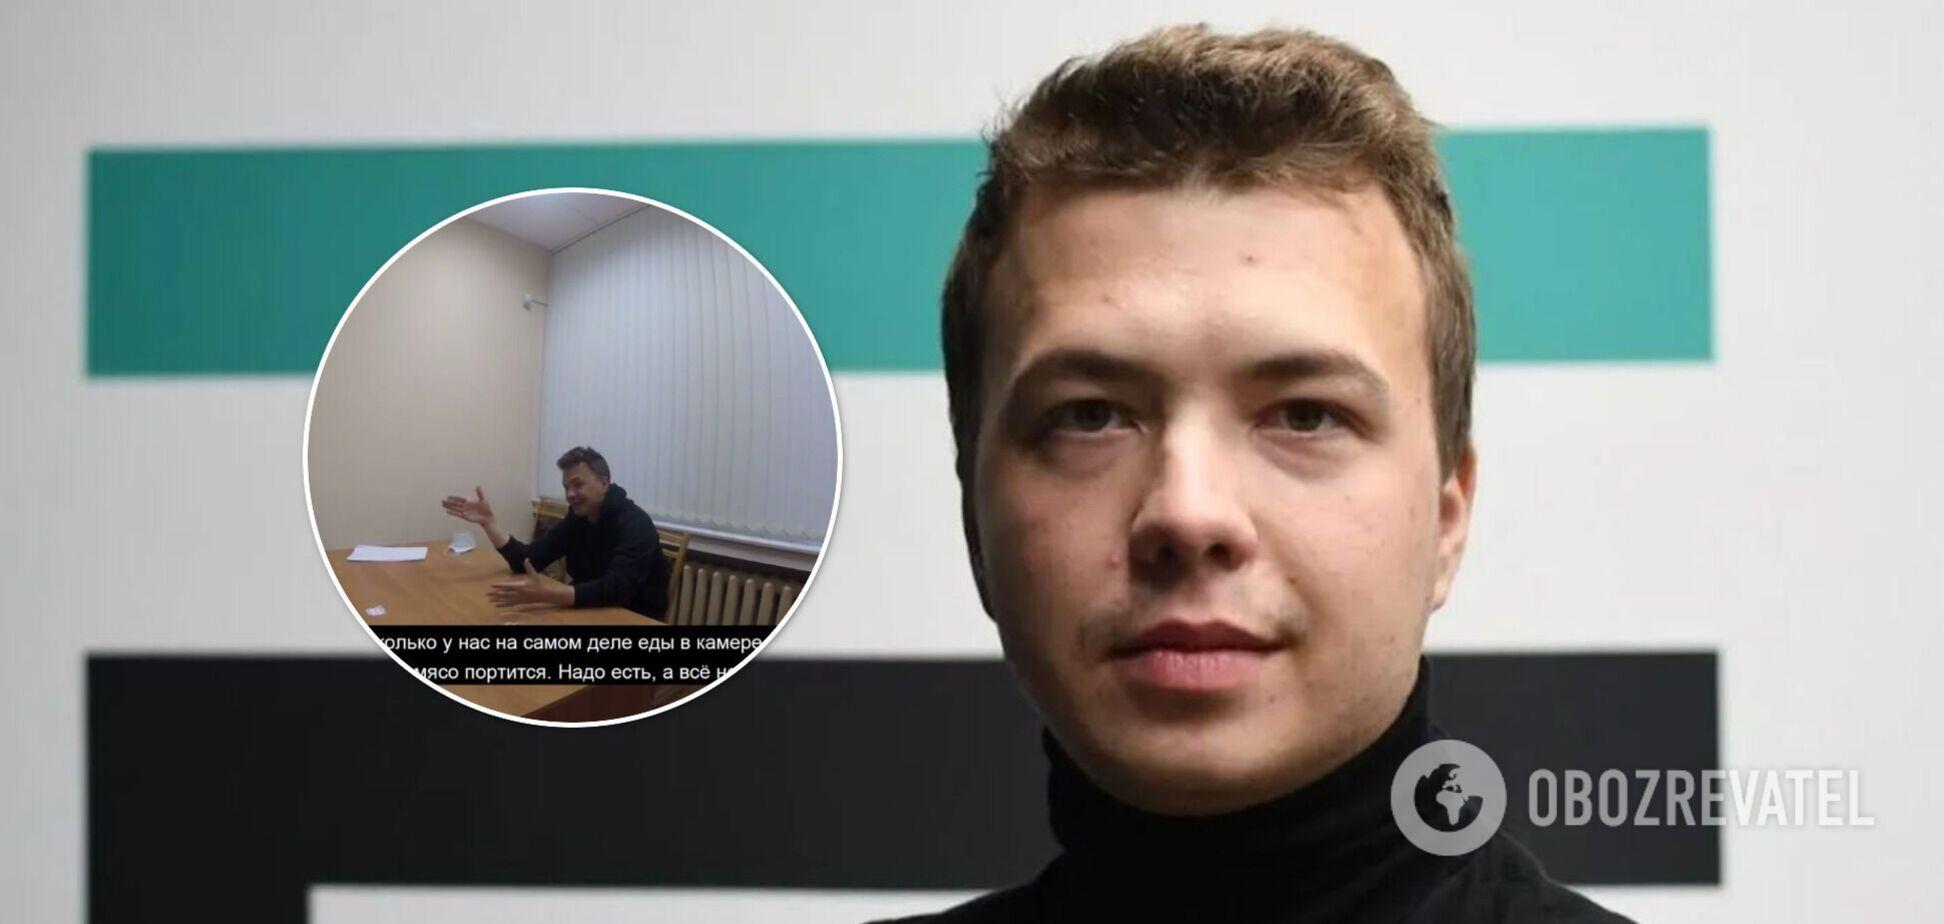 З'явилися нові кадри допиту Протасевича, де він розповів про СІЗО